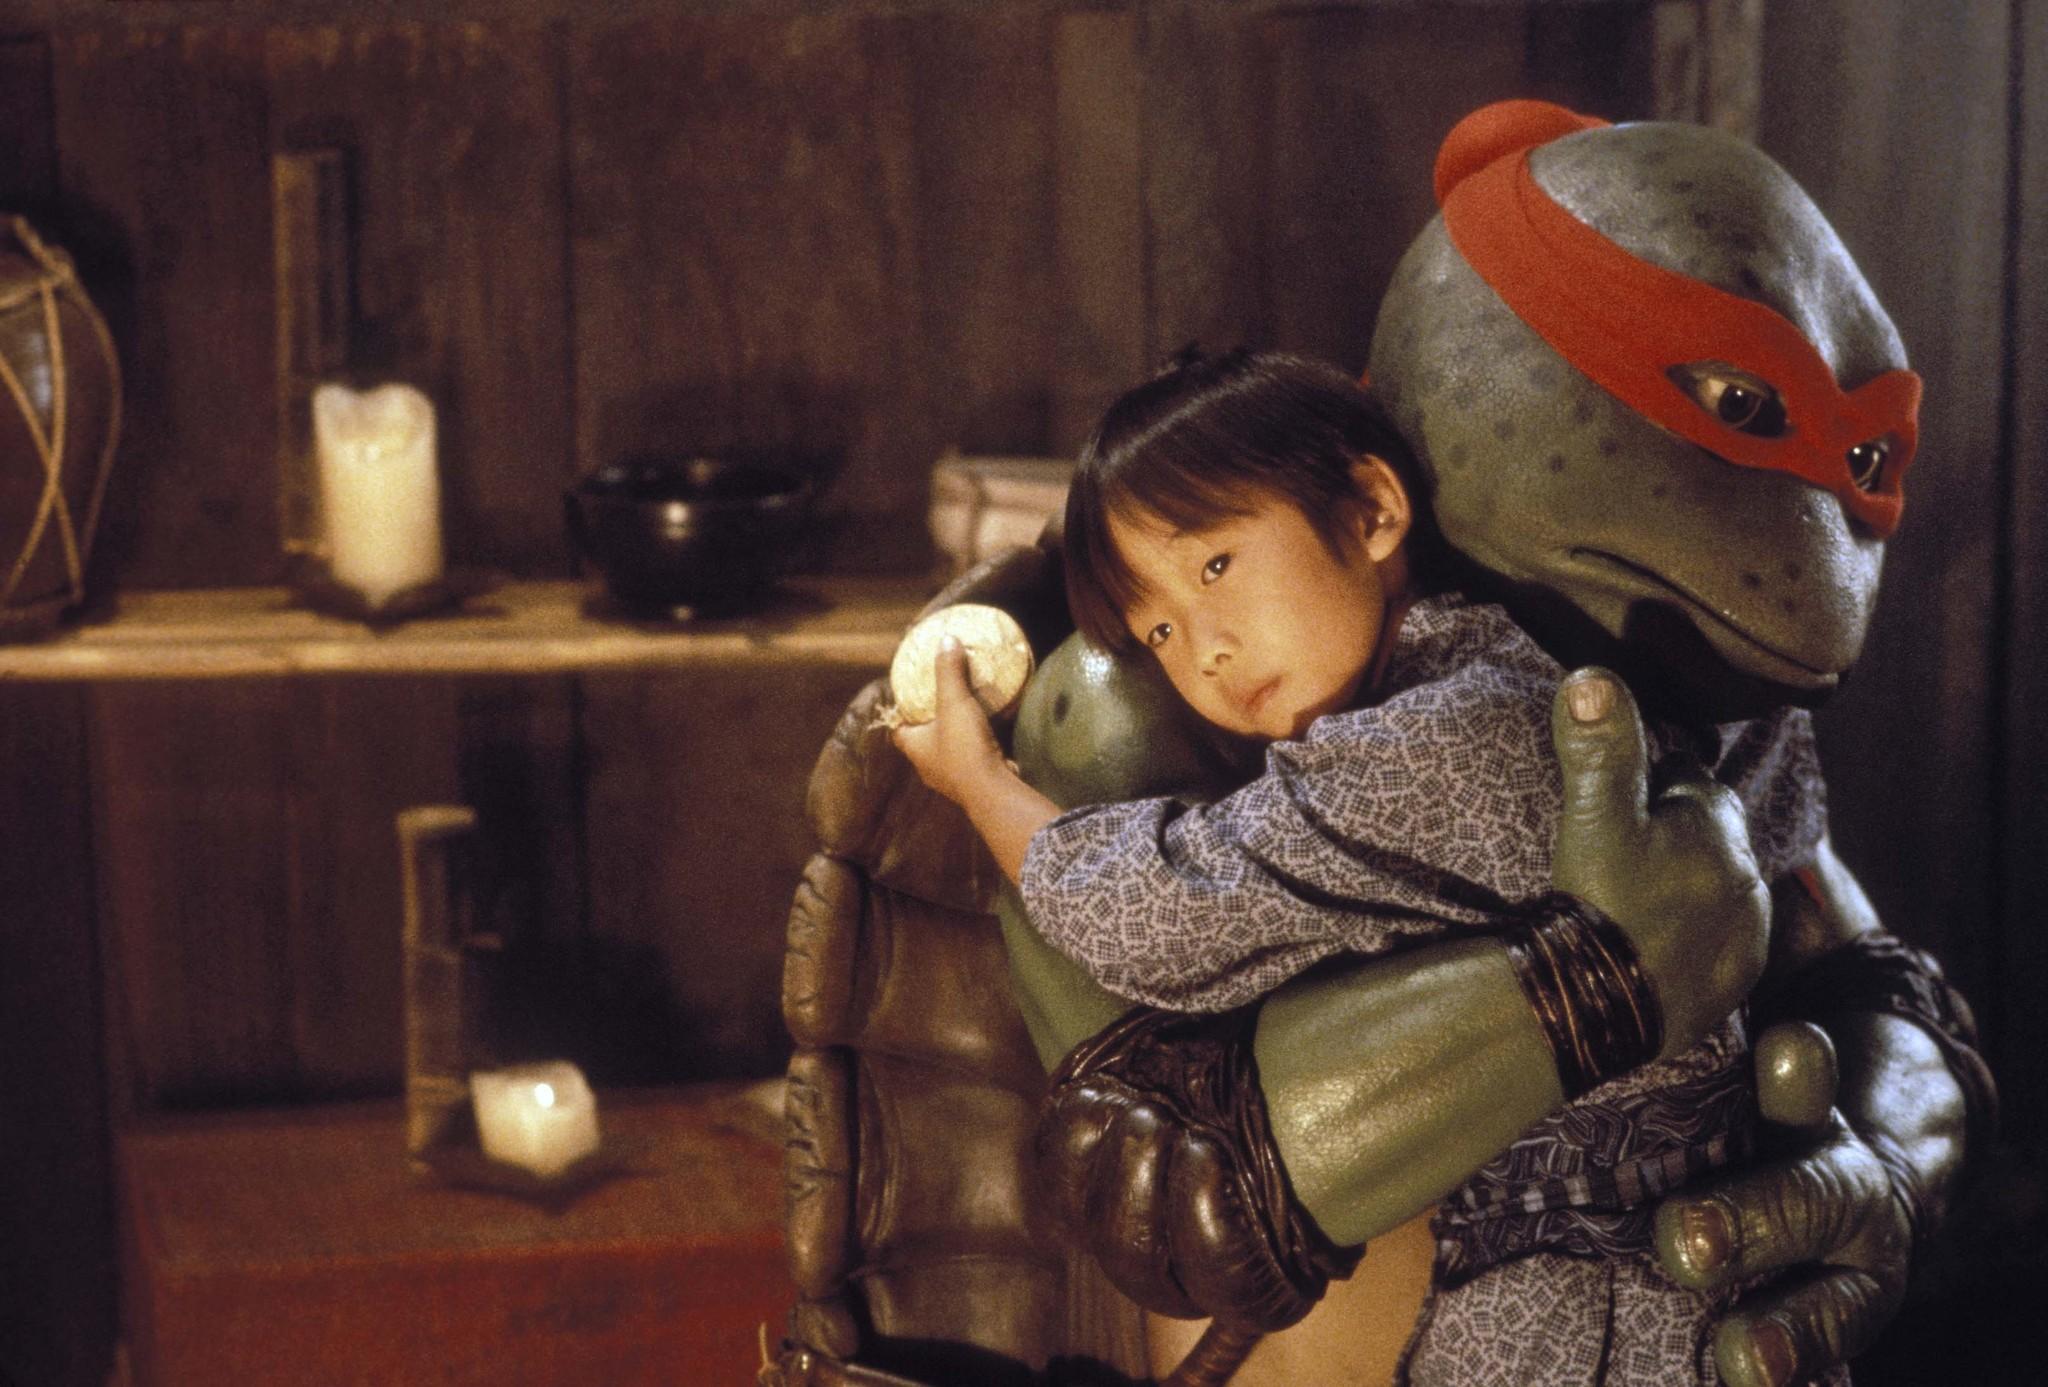 Travis A. Moon in Teenage Mutant Ninja Turtles III (1993)